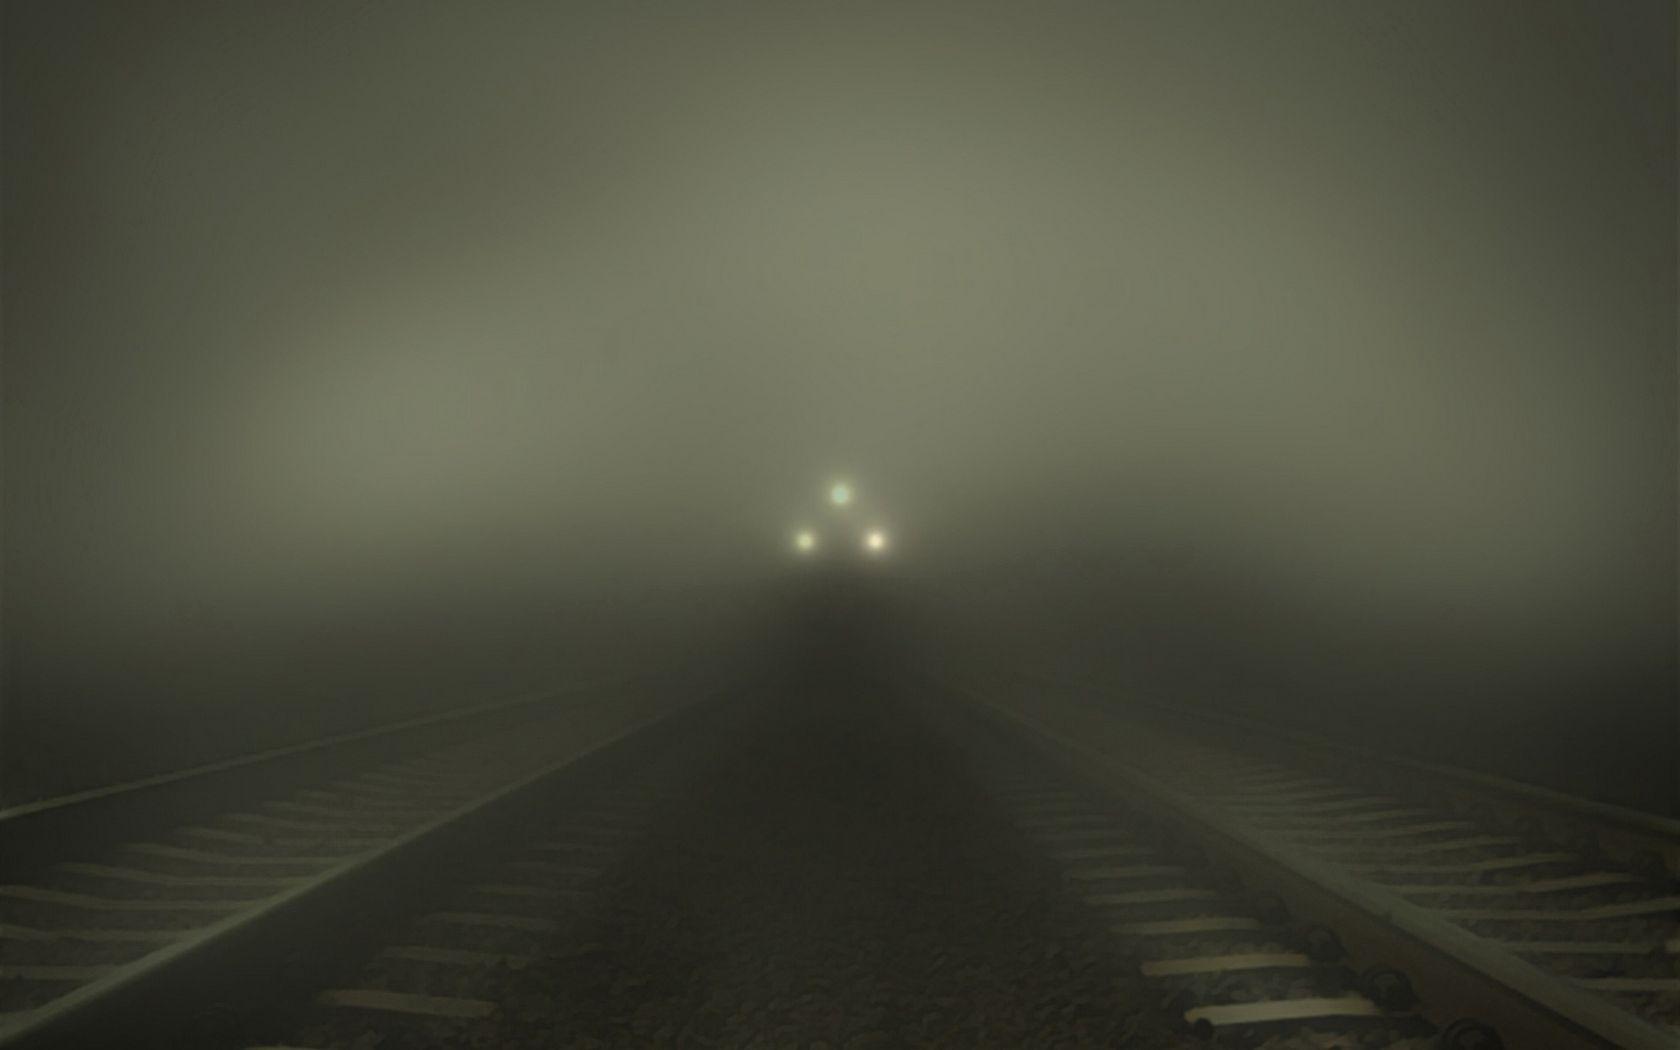 手機的57316屏保和壁紙黑暗。 免費下載 黑暗的, 黑暗, 一列火车, 火车, 多雾路段, 雾, 铁路 圖片